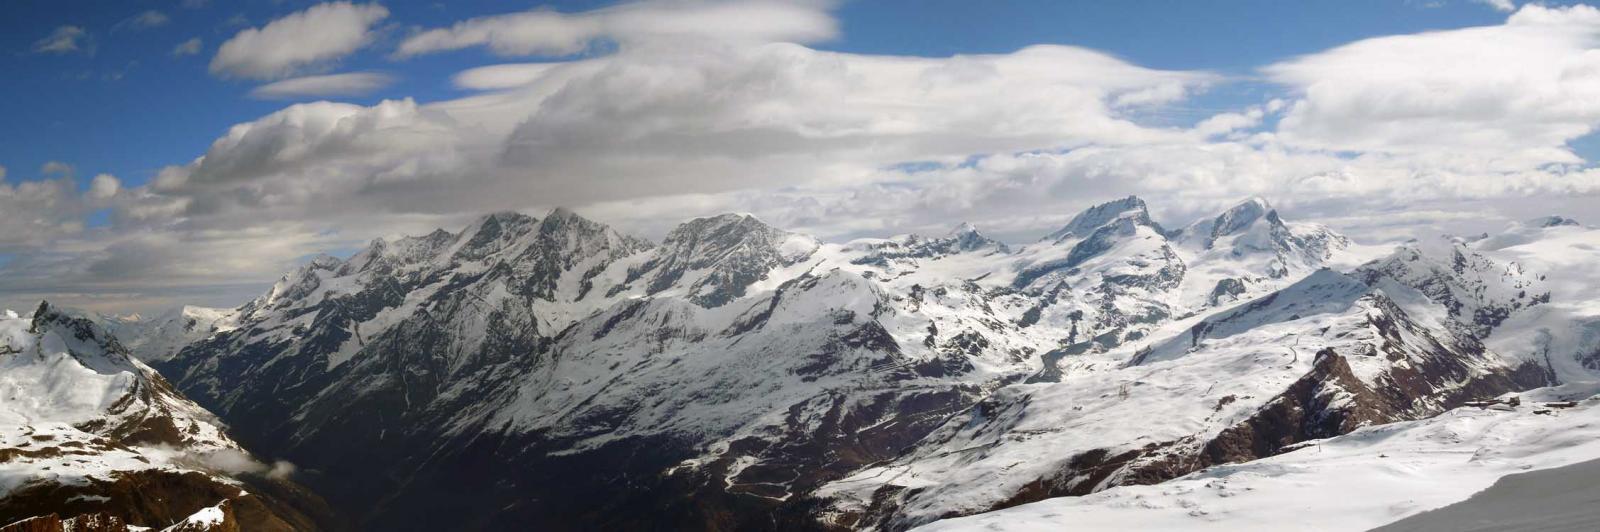 i 4000 di zermatt dal dom a sin nelle nuvole allo stralhhorn a des